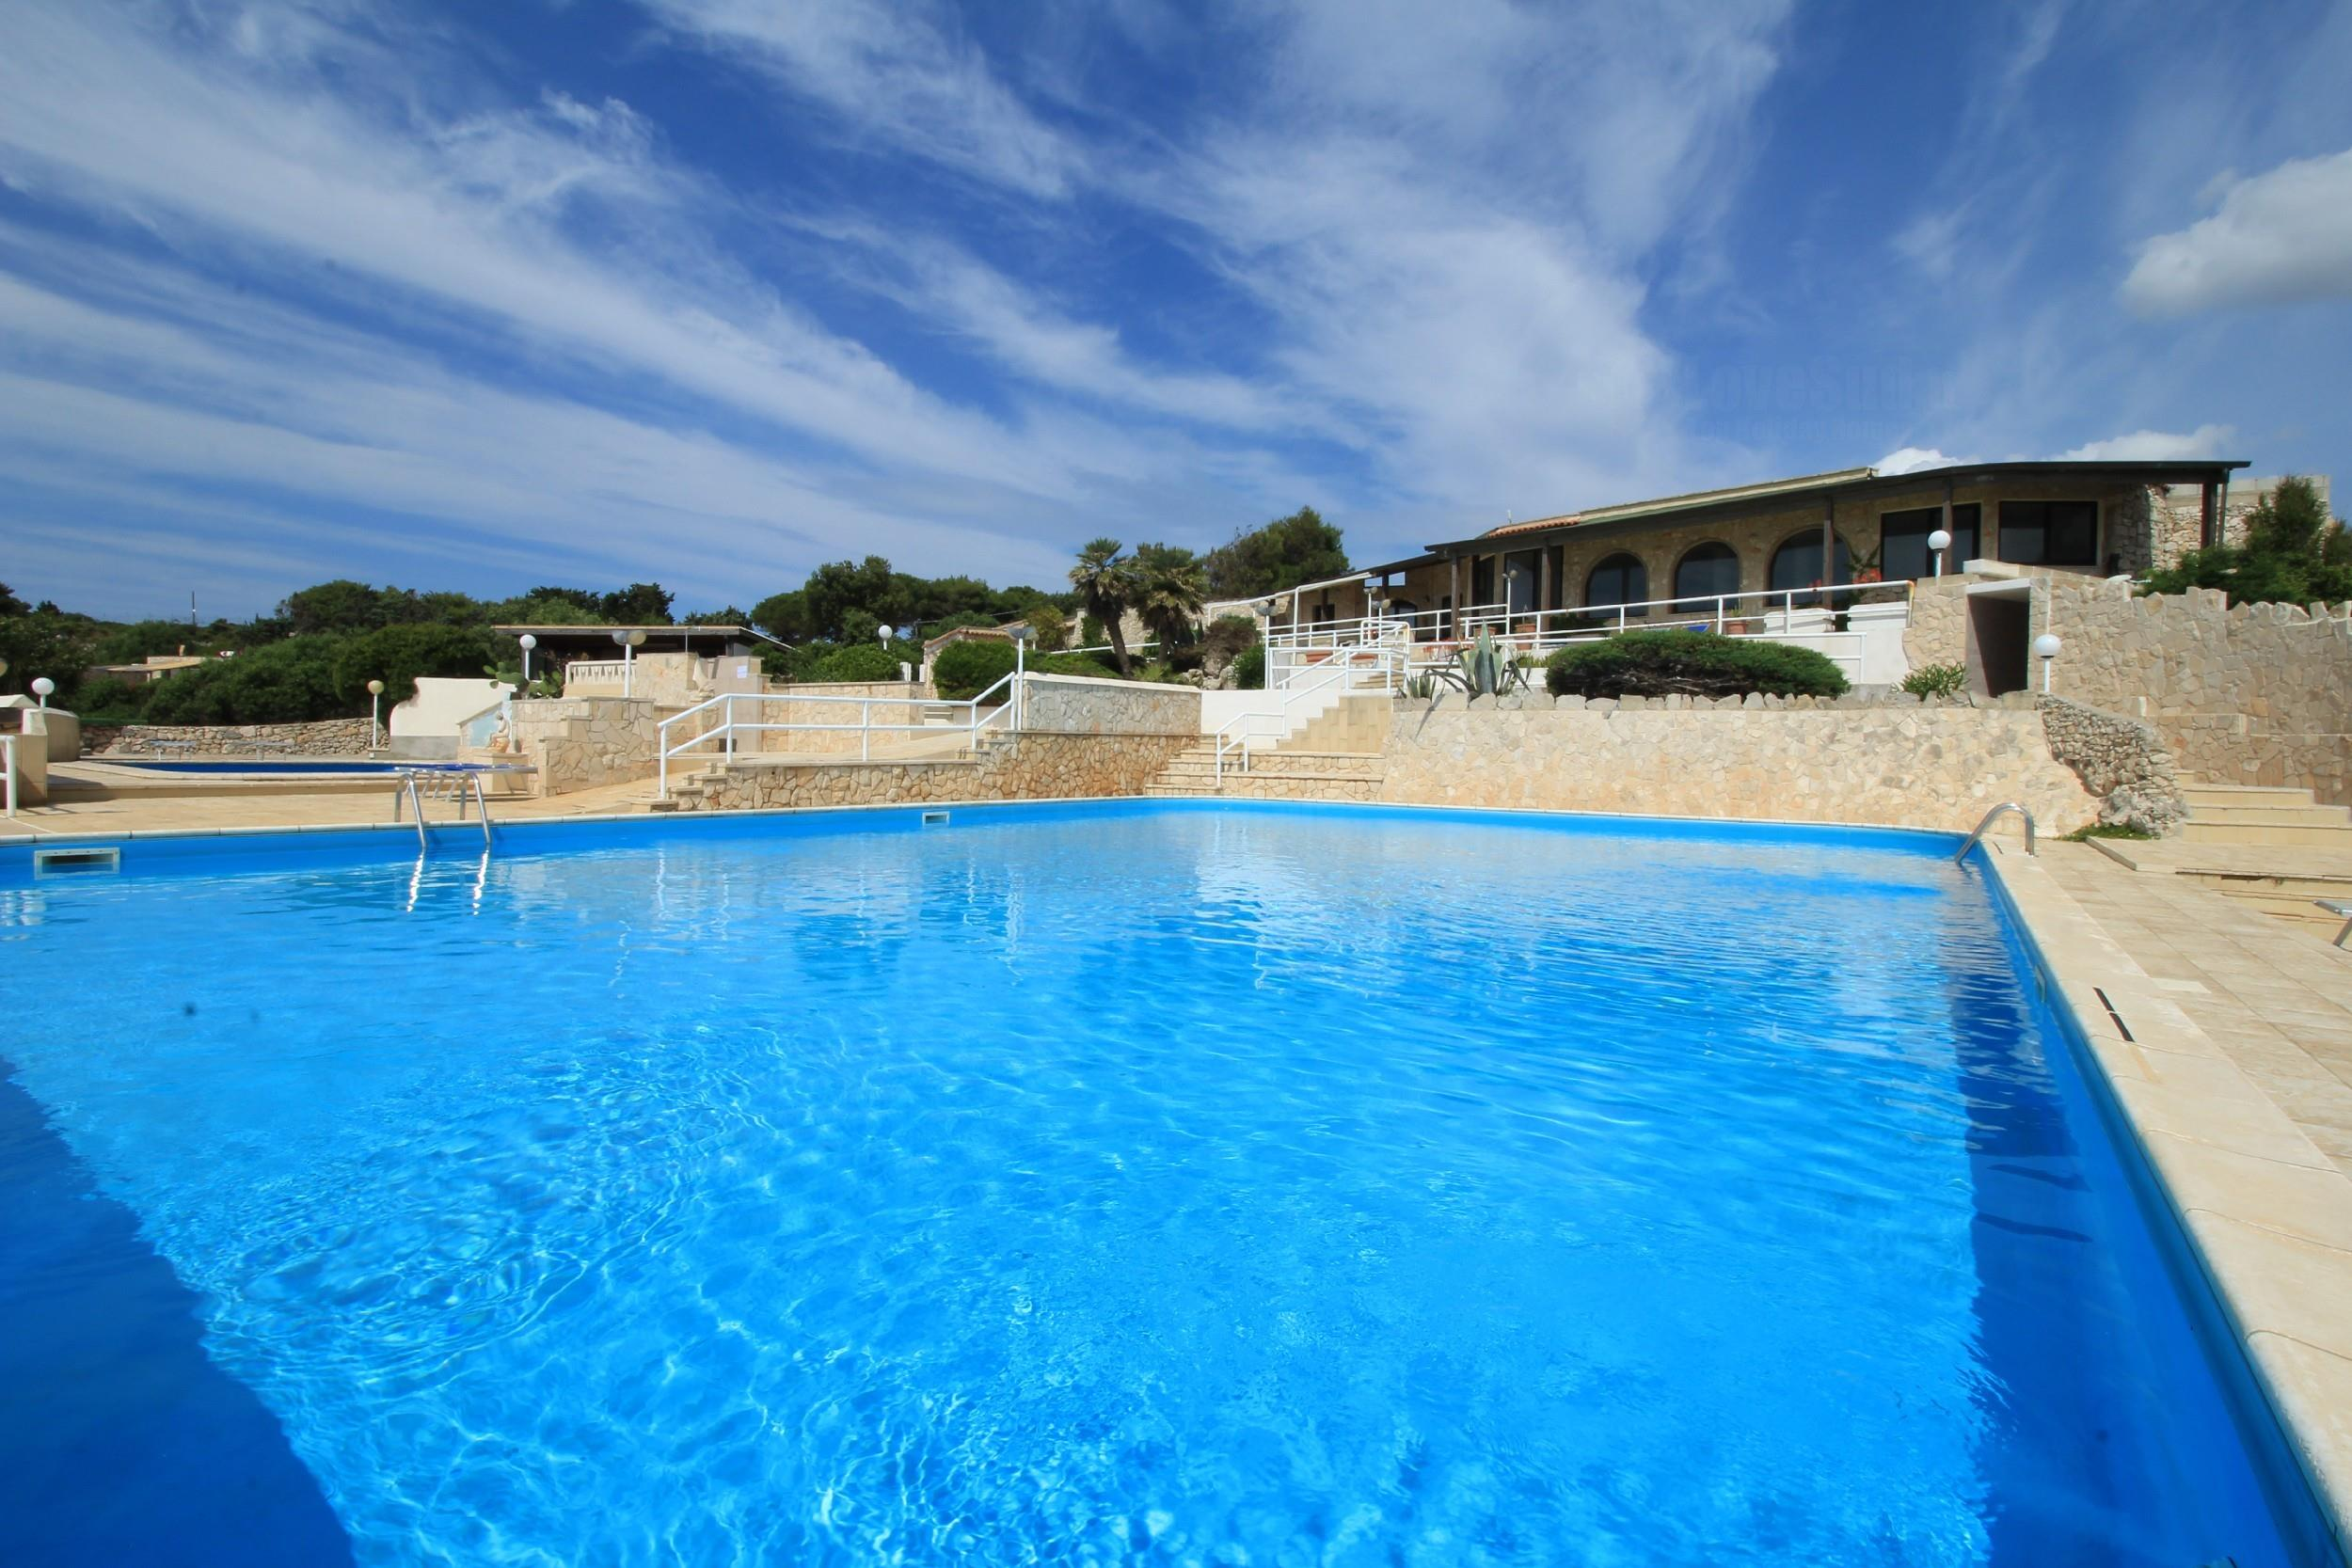 Apartment Trullo Ulivo pool complex photo 22460362